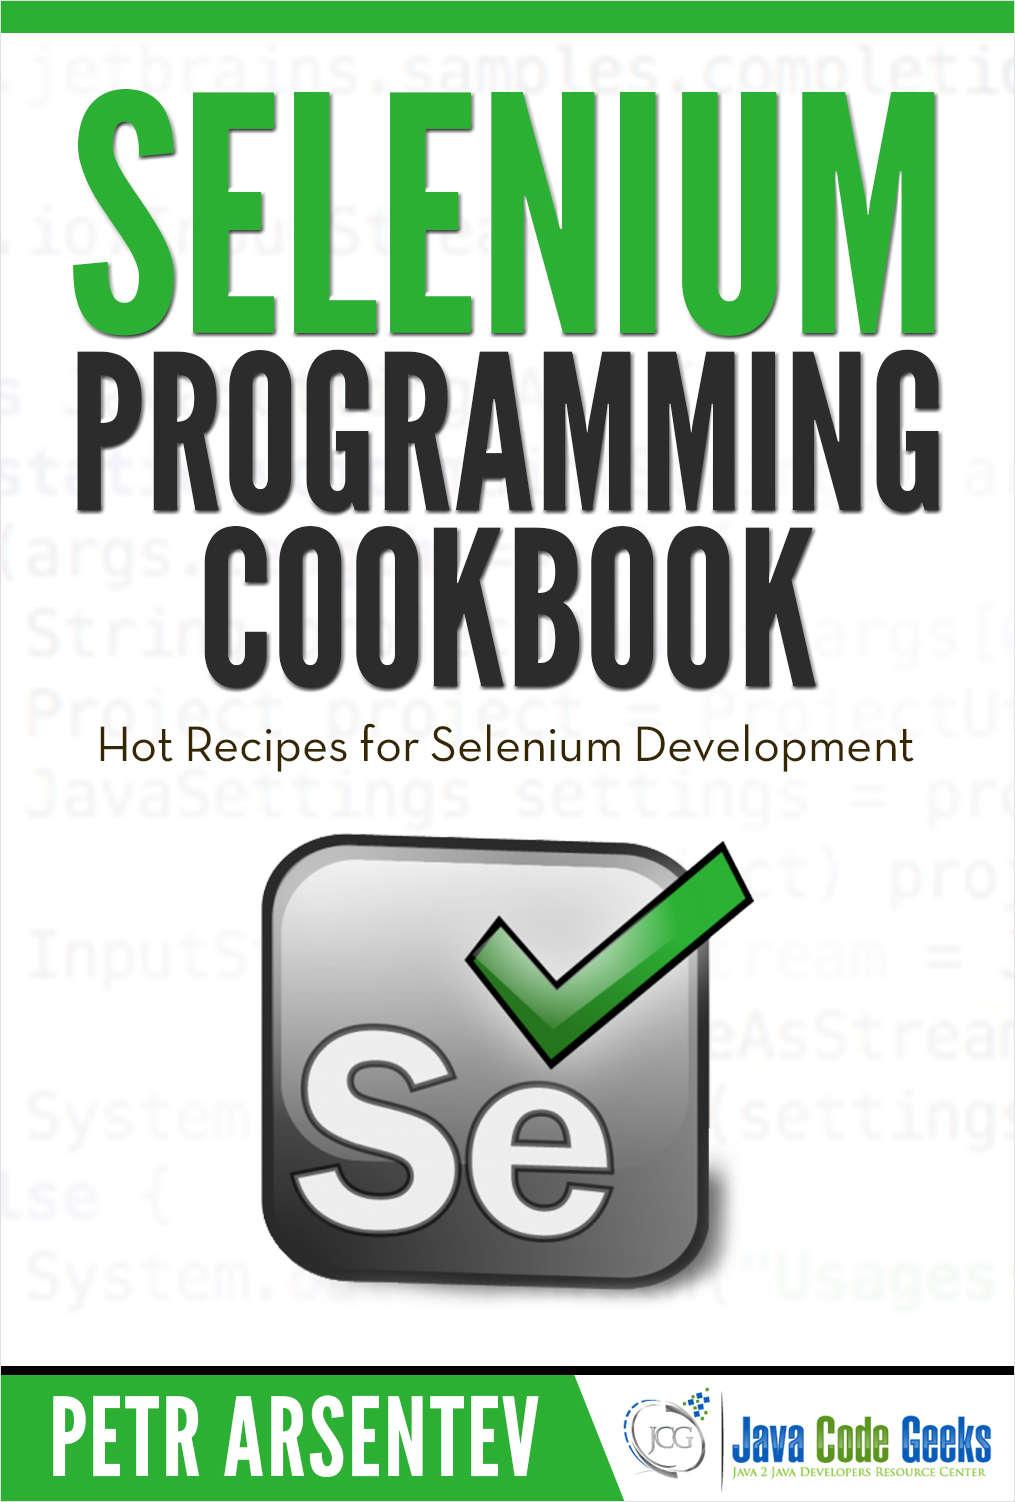 Selenium Programming Cookbook